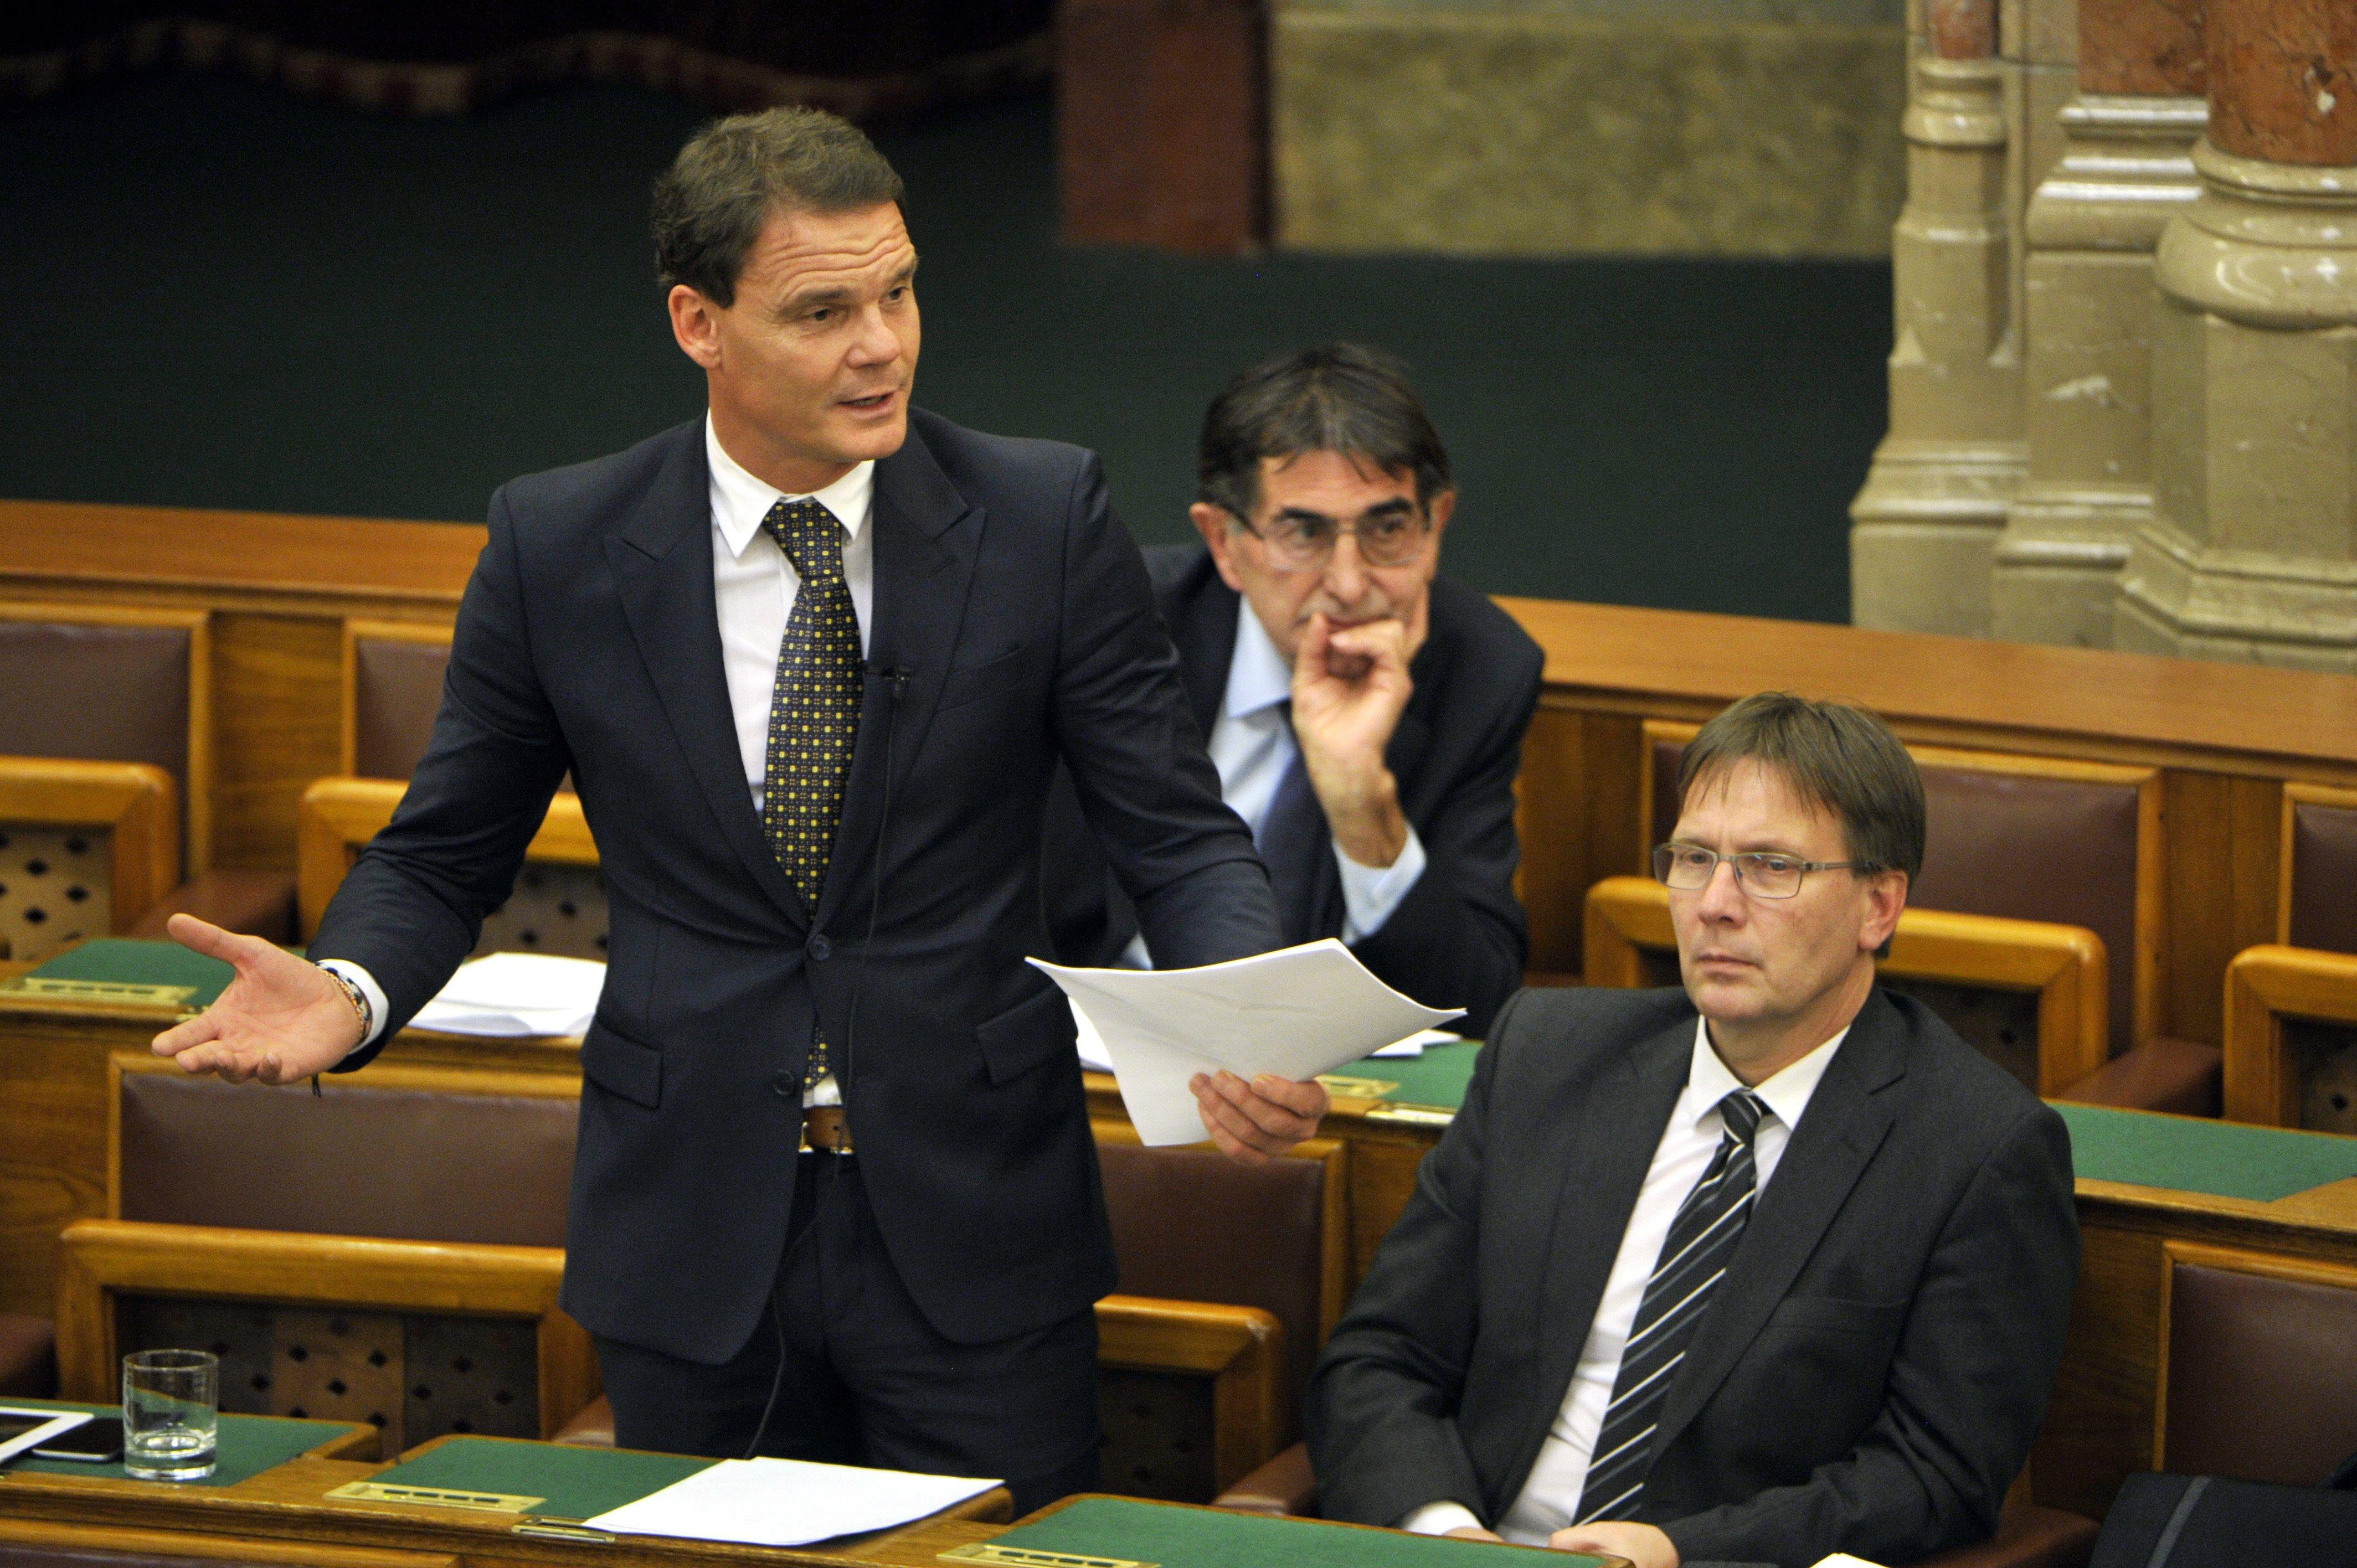 Ott tart a magyar jogállam, hogy végrehajtás indult egy parlamenti bizottság ellen, mert nem tartja be a törvényt